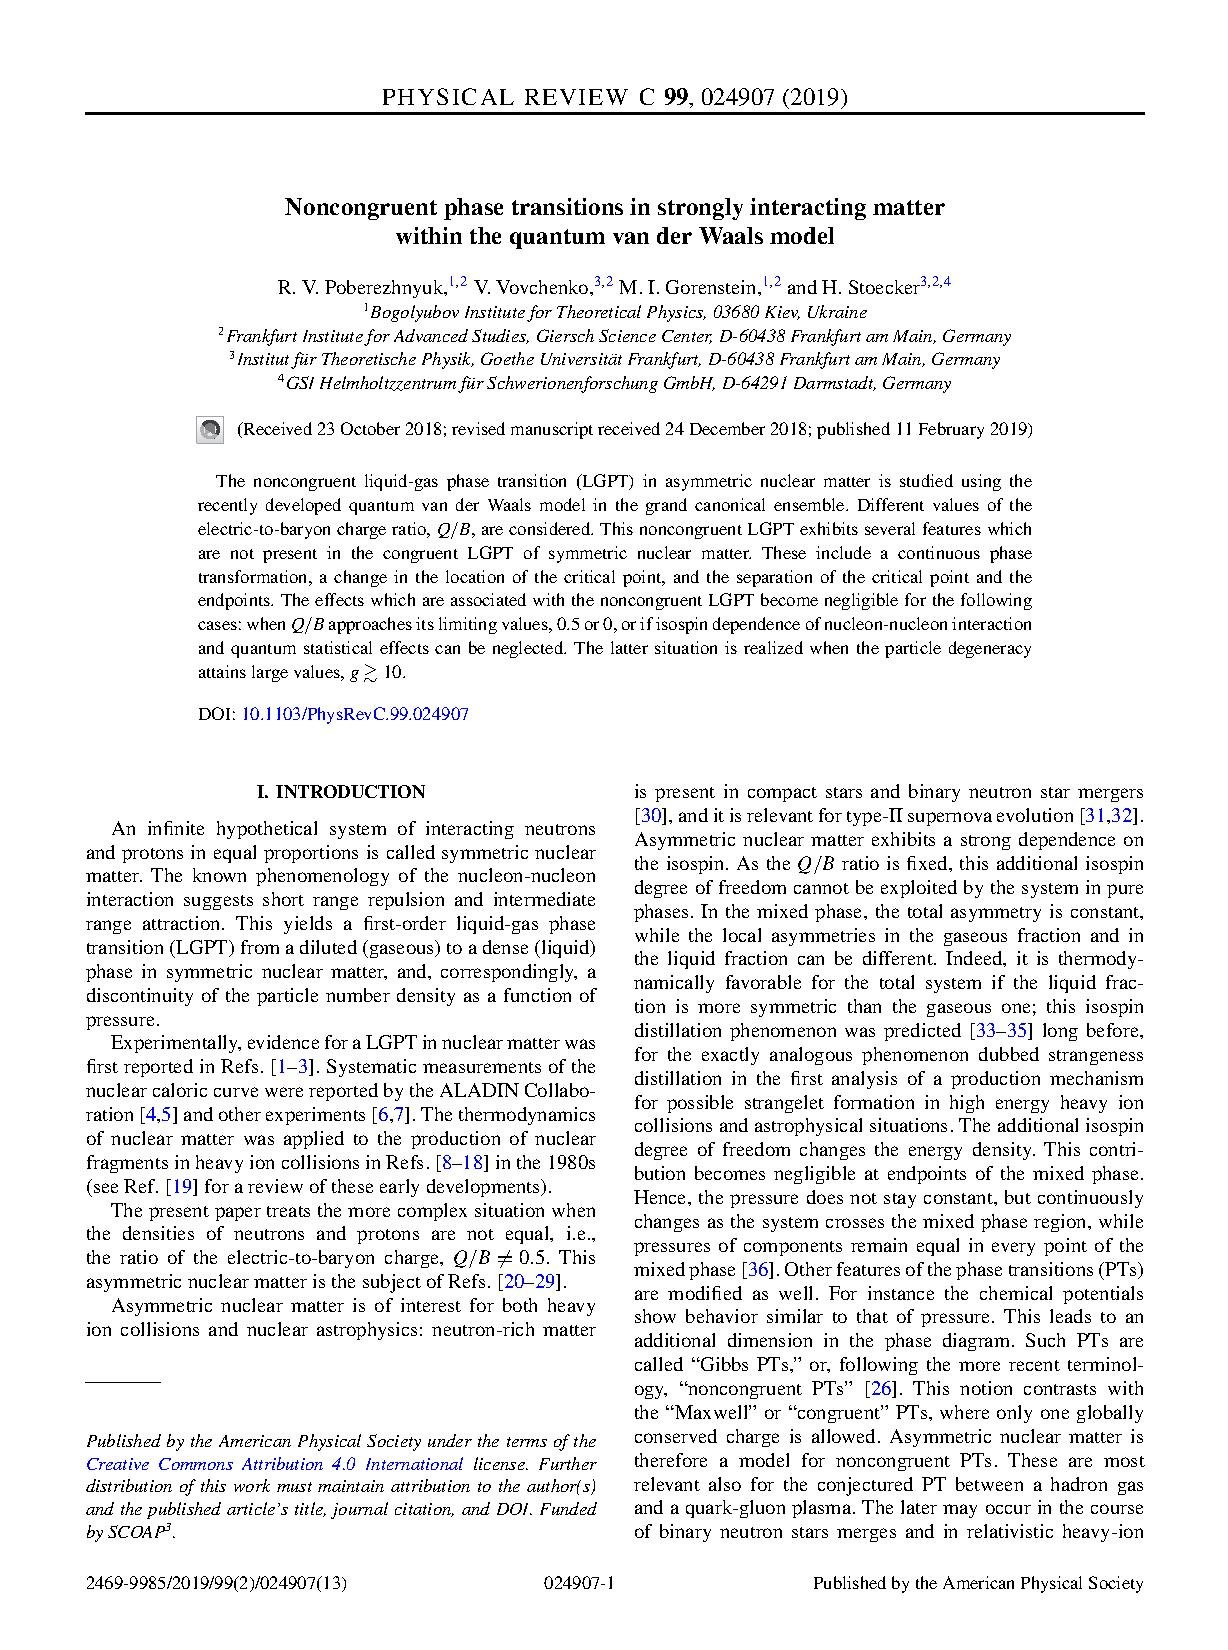 File:PhysRevC 99 024907 pdf - Wikimedia Commons